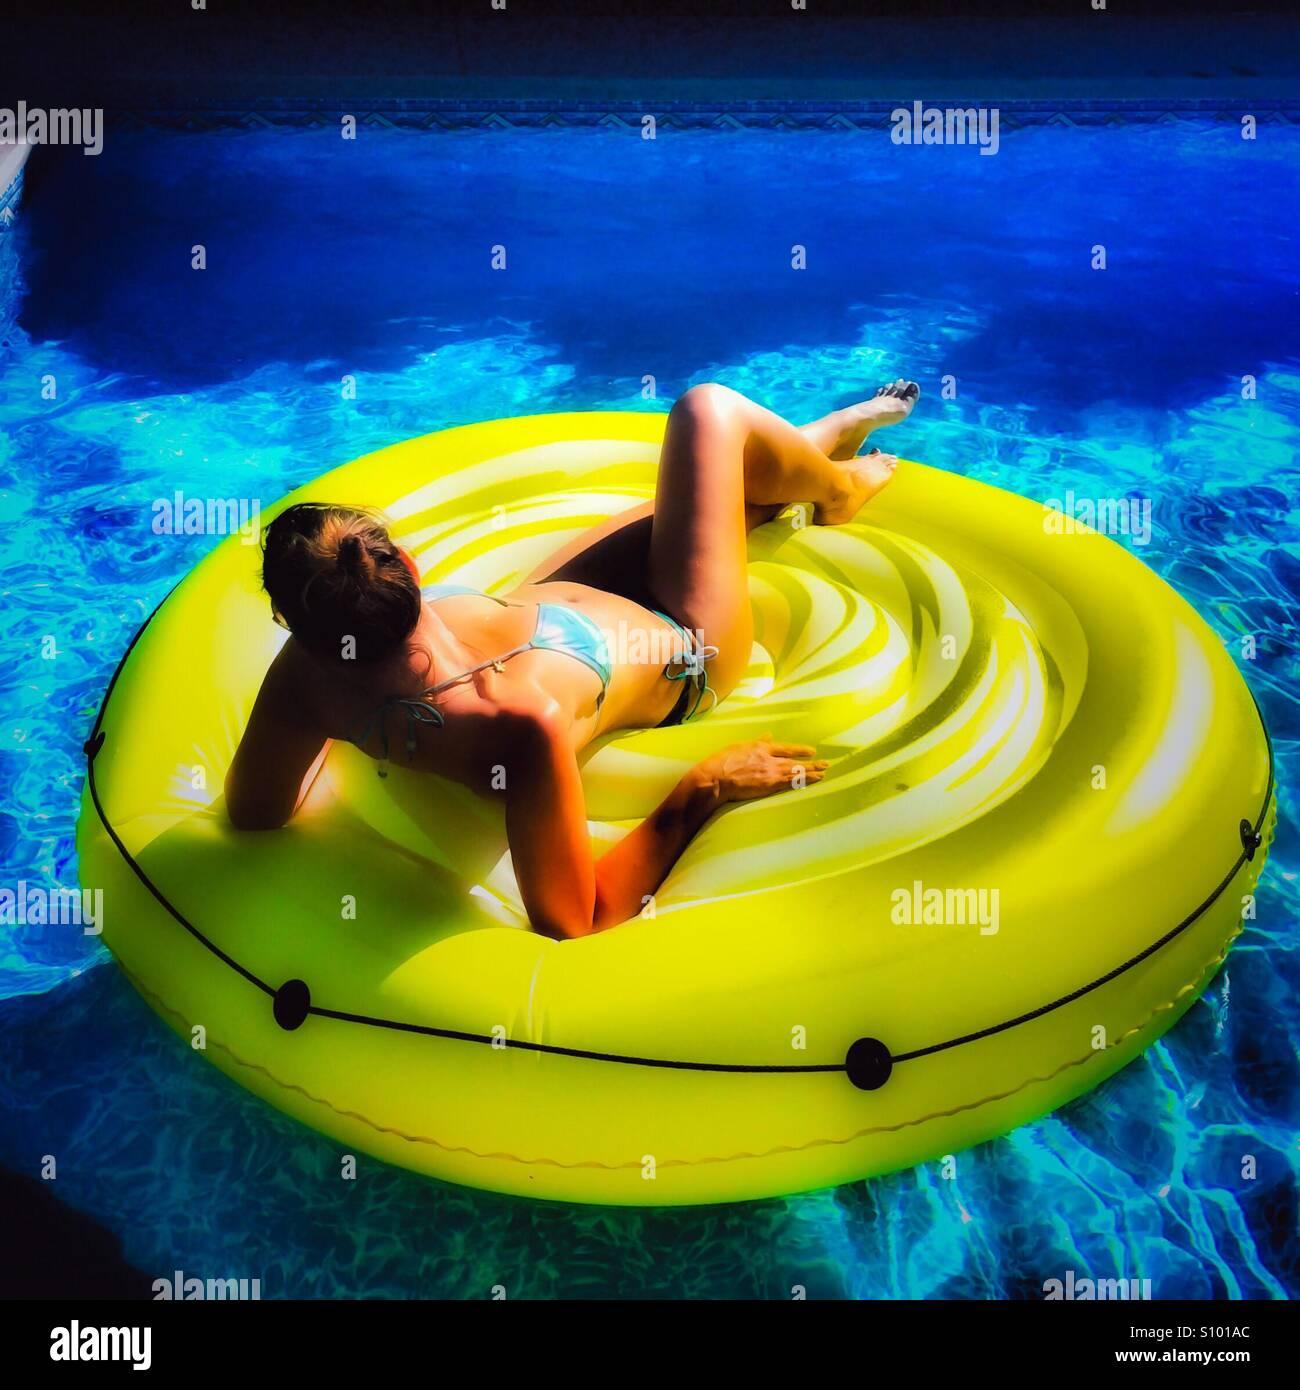 Mujer tumbado en una piscina hinchable toy en un soleado día de calor. Recortar cuadrados. Luz natural. Foto de stock